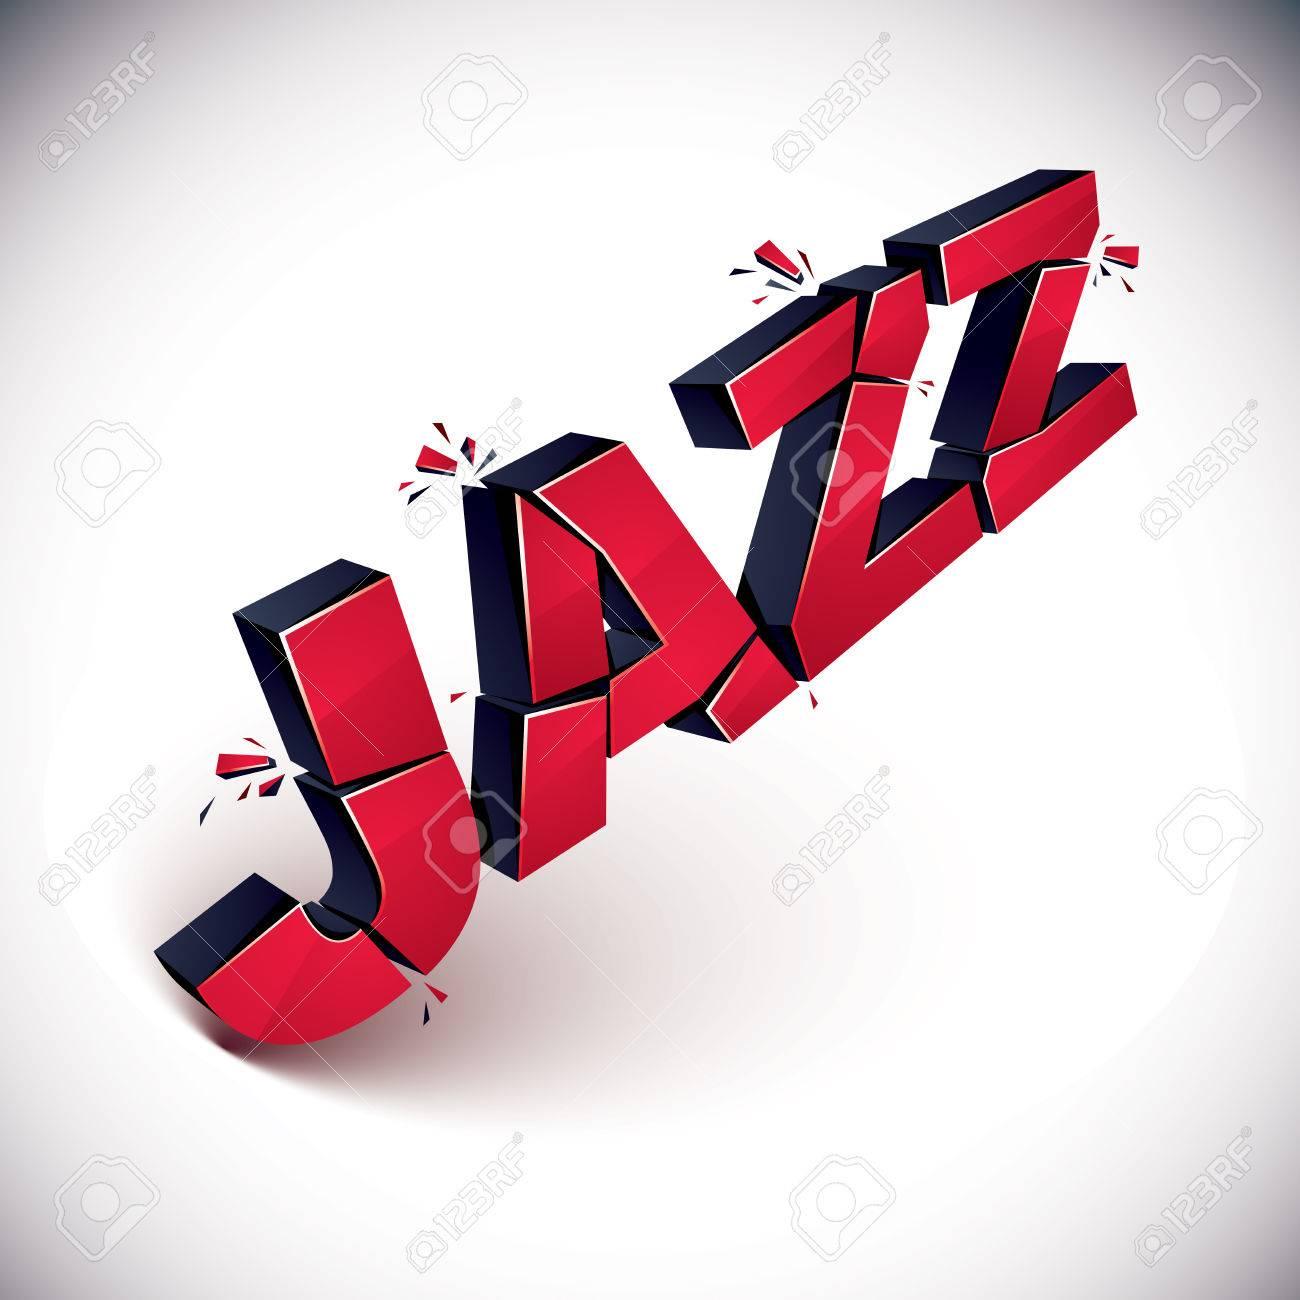 Dimensional Zertrümmerten Vektor Jazz Wort, Zeitgenössischen ...